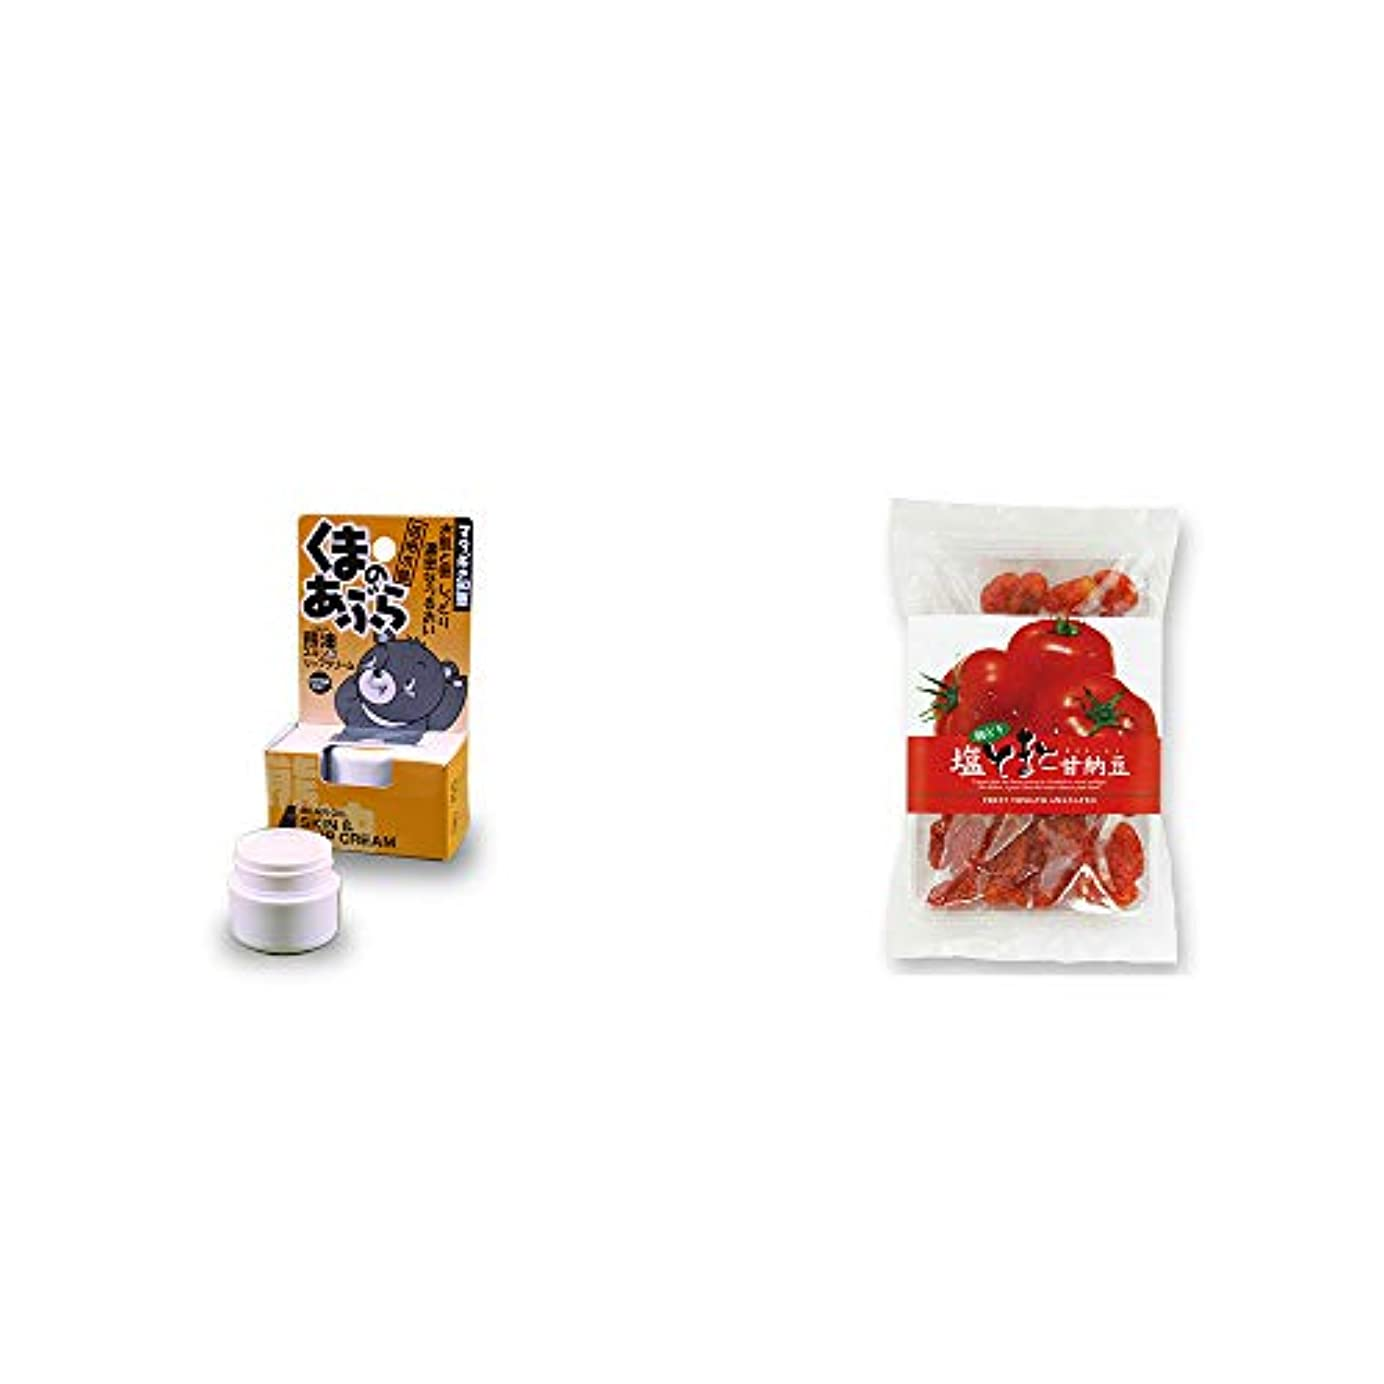 バースト洪水魂[2点セット] 信州木曽 くまのあぶら 熊油スキン&リップクリーム(9g)?朝どり 塩とまと甘納豆(150g)